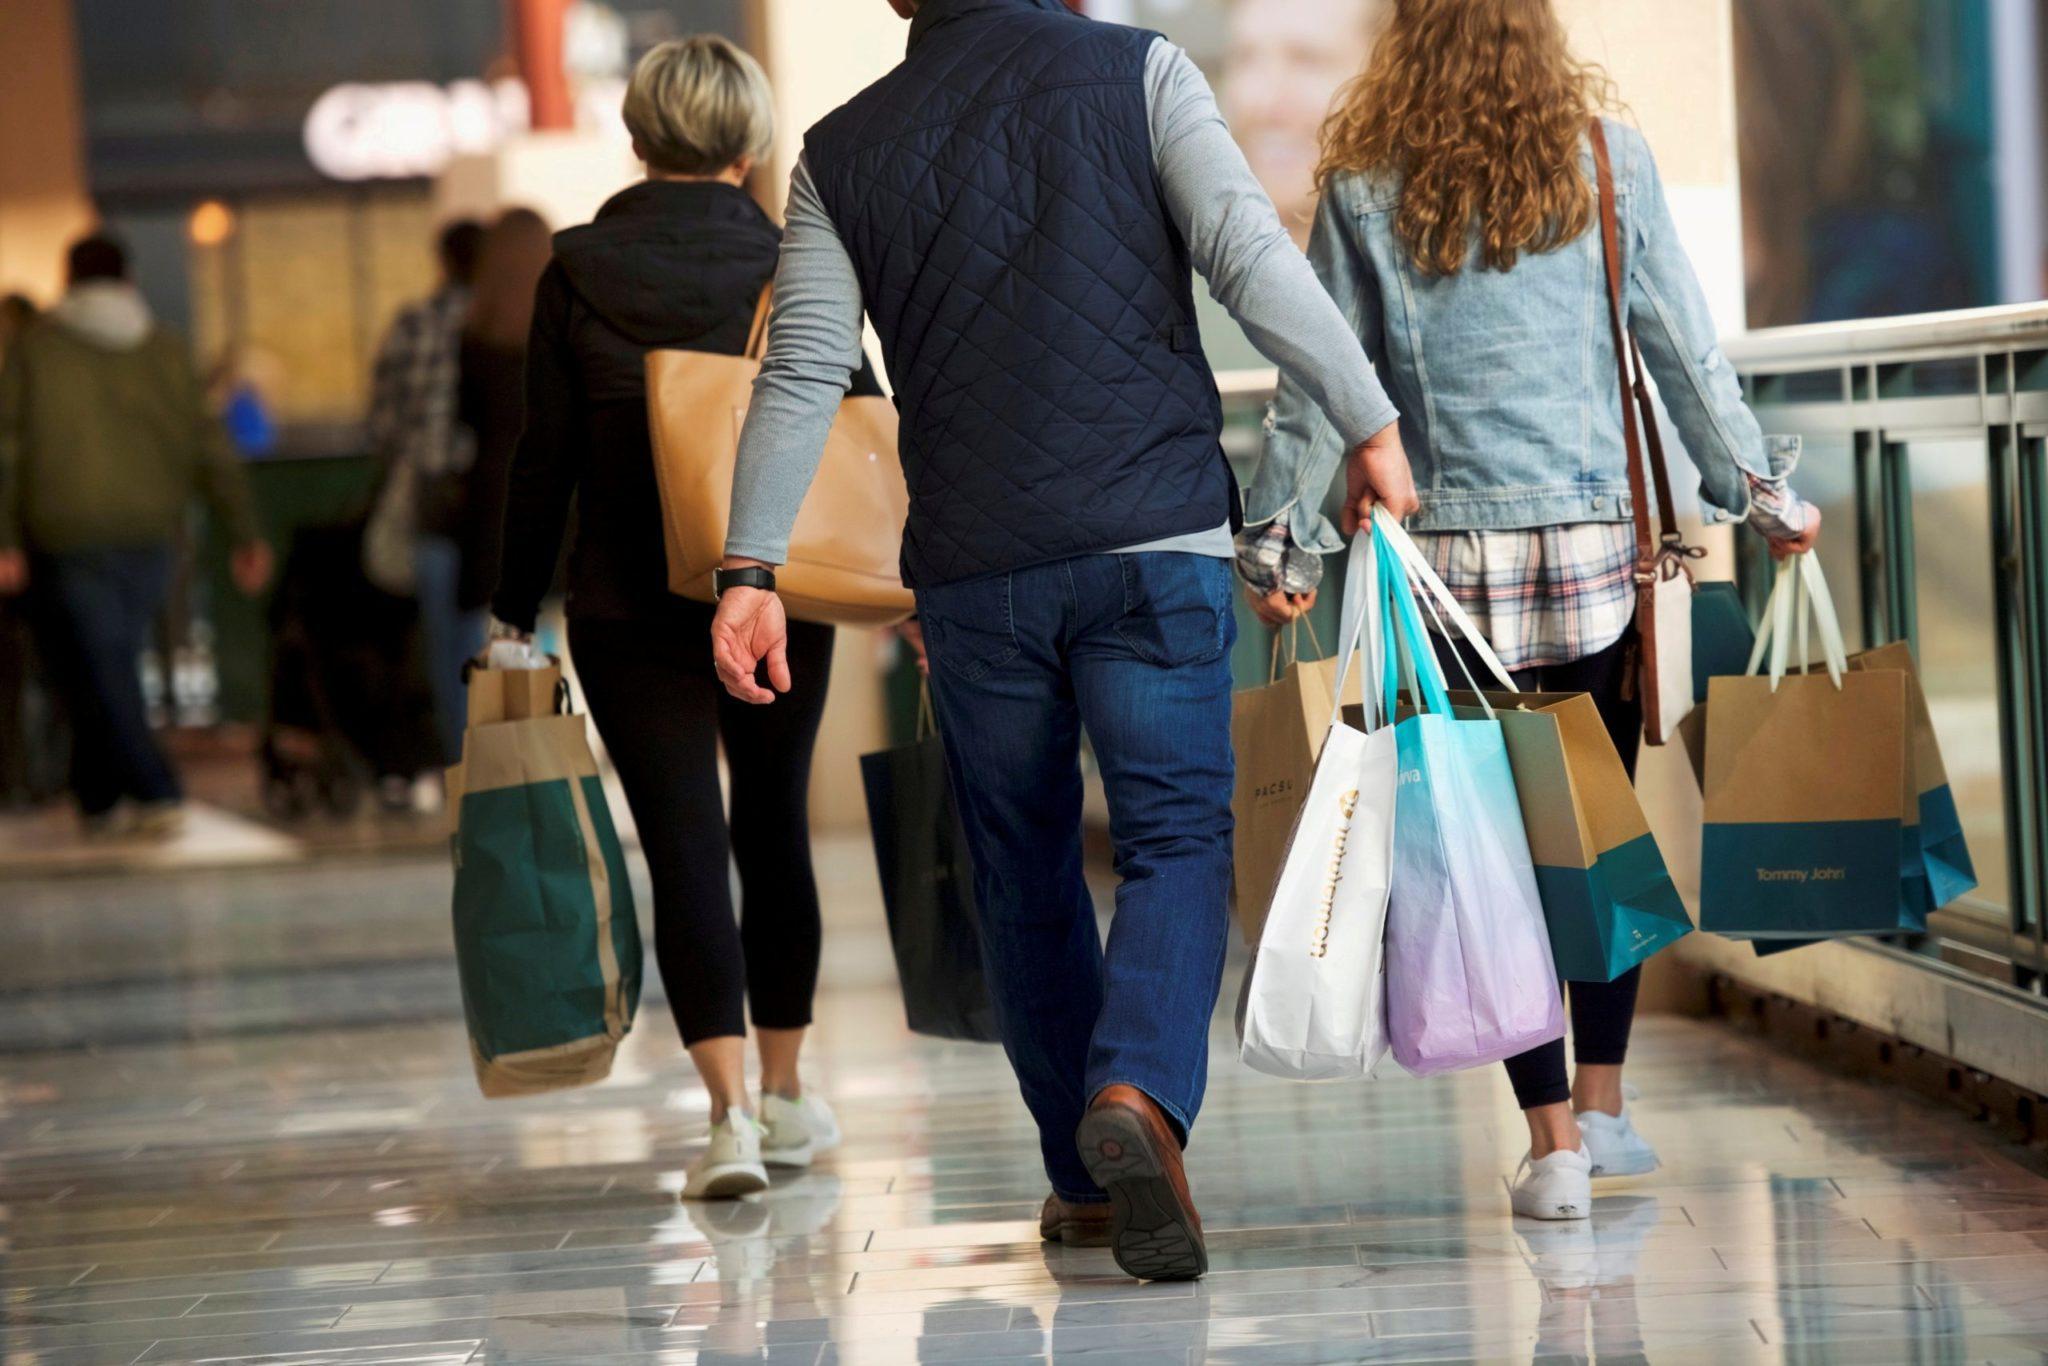 inflação: preços ao consumidor EUA - shopping King of Prussia